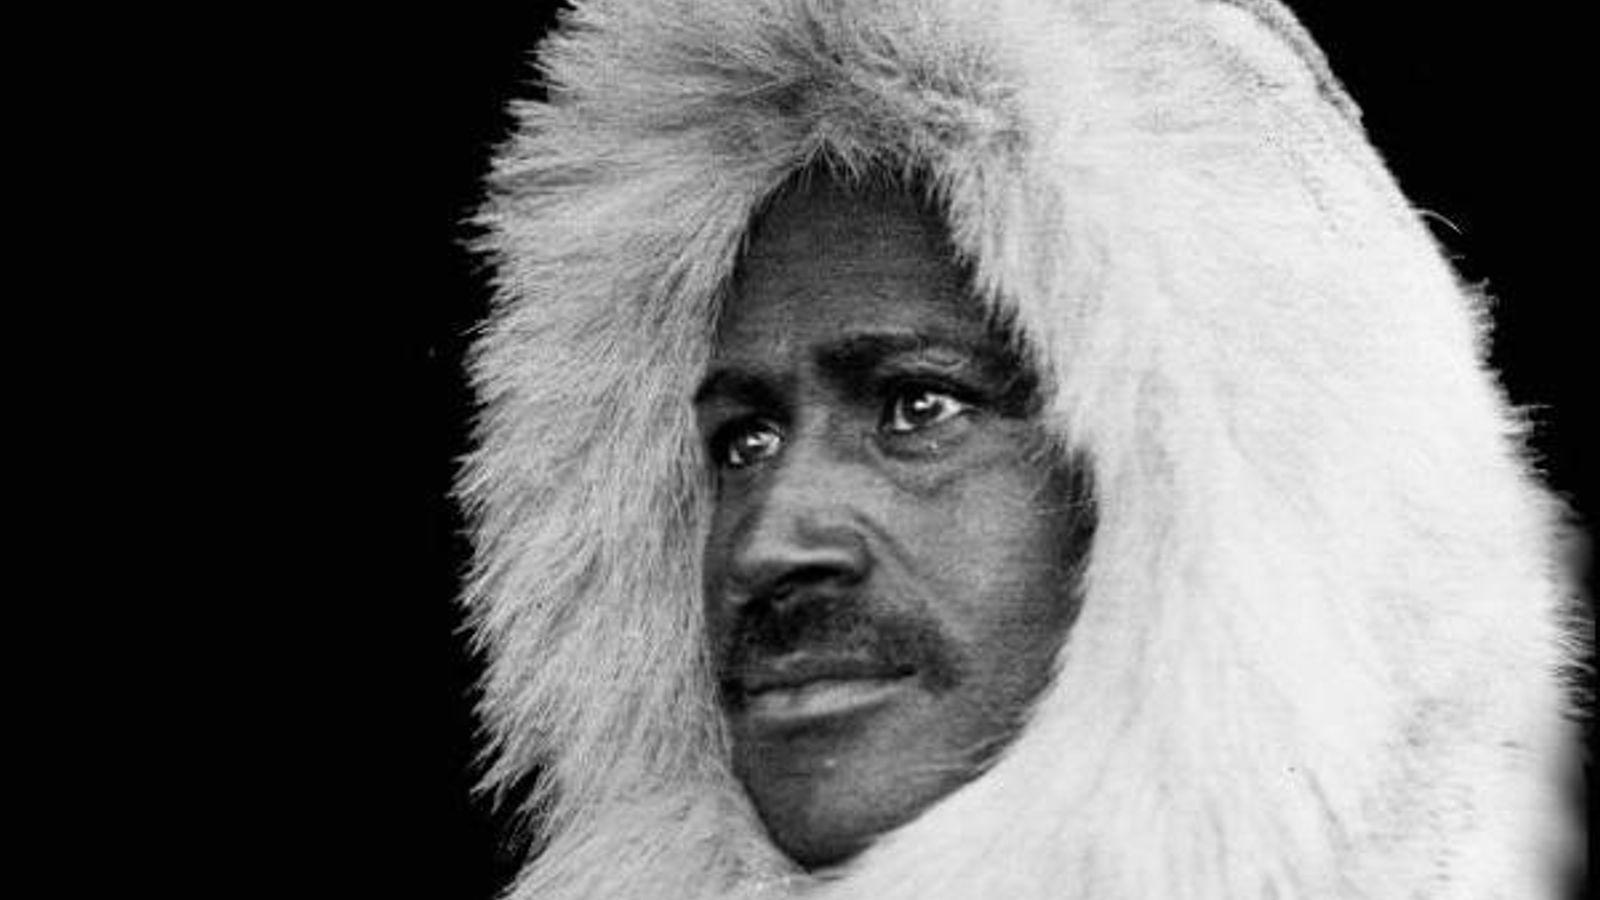 El explorador polar Matthew Henson